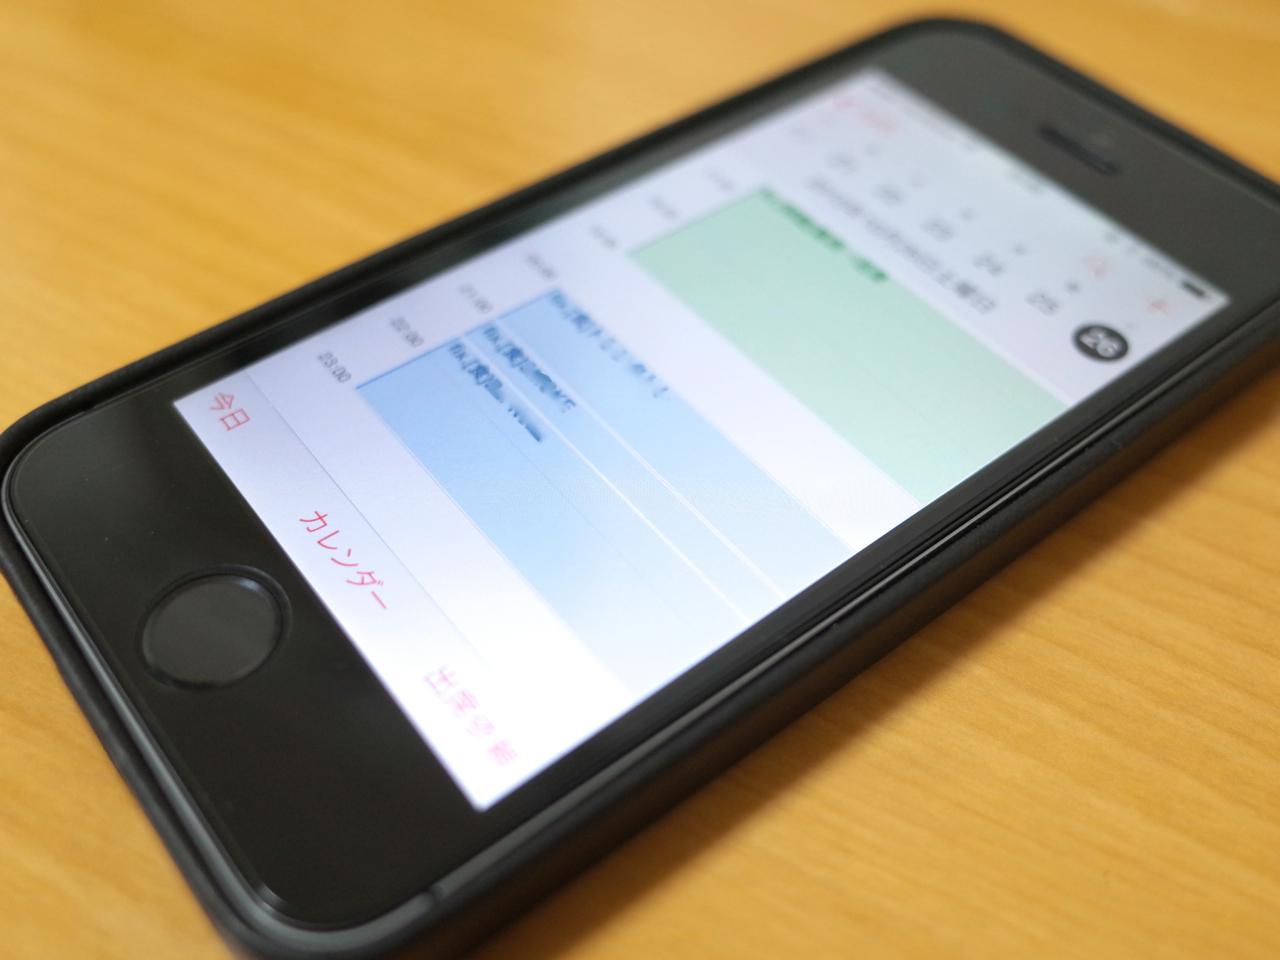 iOS7のカレンダーアプリの写真